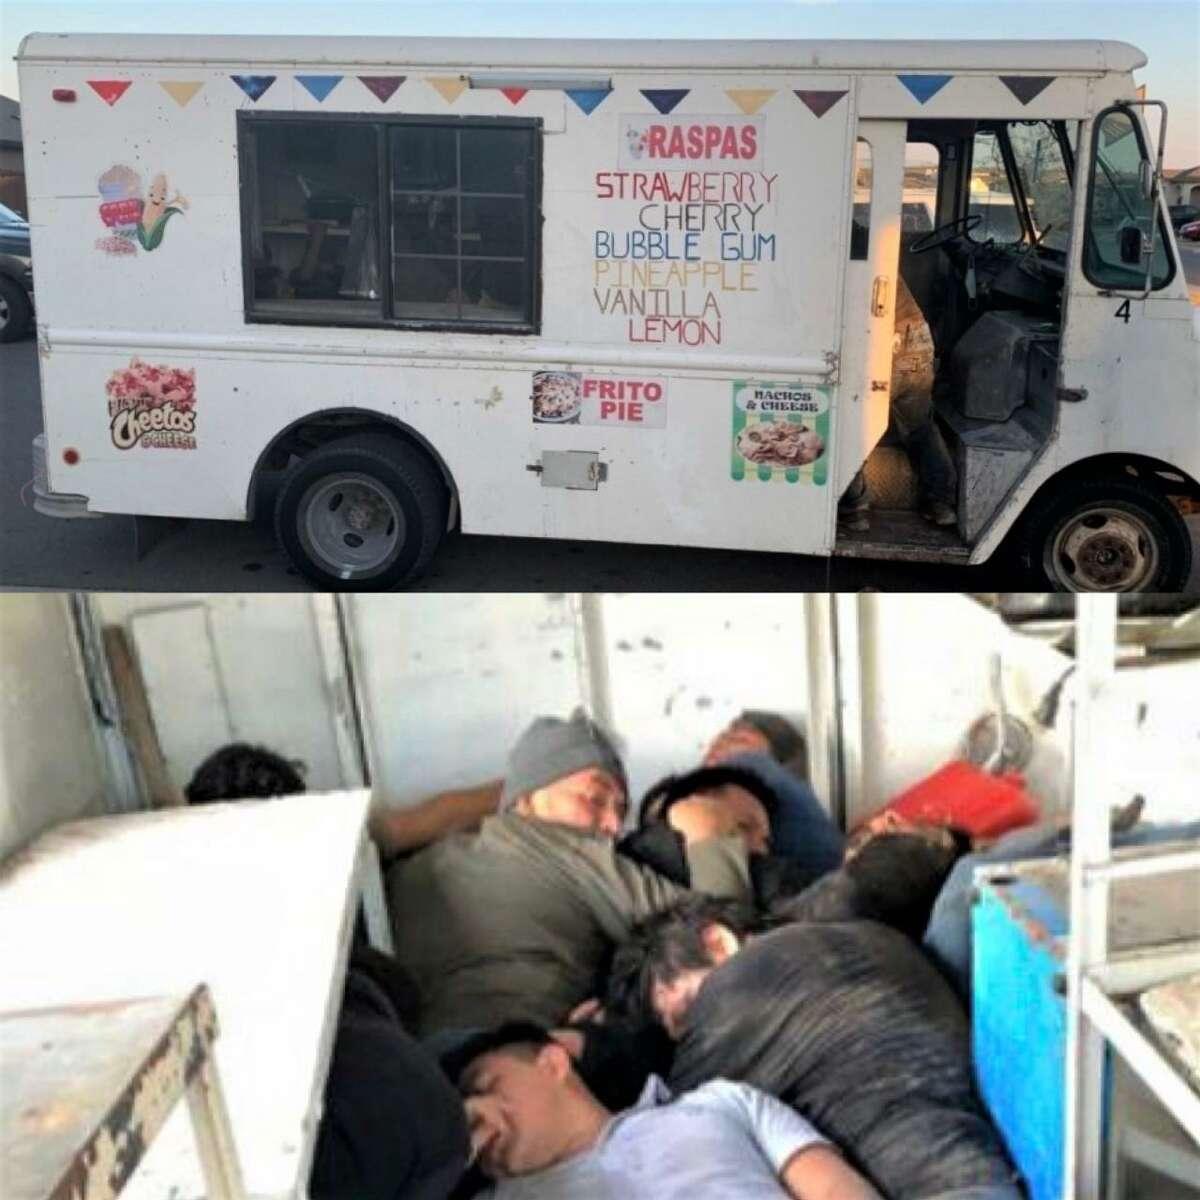 Un camión de helados estuvo involucrado en un intento de tráfico humano que los agentes de la Patrulla Fronteriza junto con el Departamento de Policía de Laredo y el Departamento de Seguridad Pública lograron frustar al sur de Laredo el 24 de febrero de 2021.